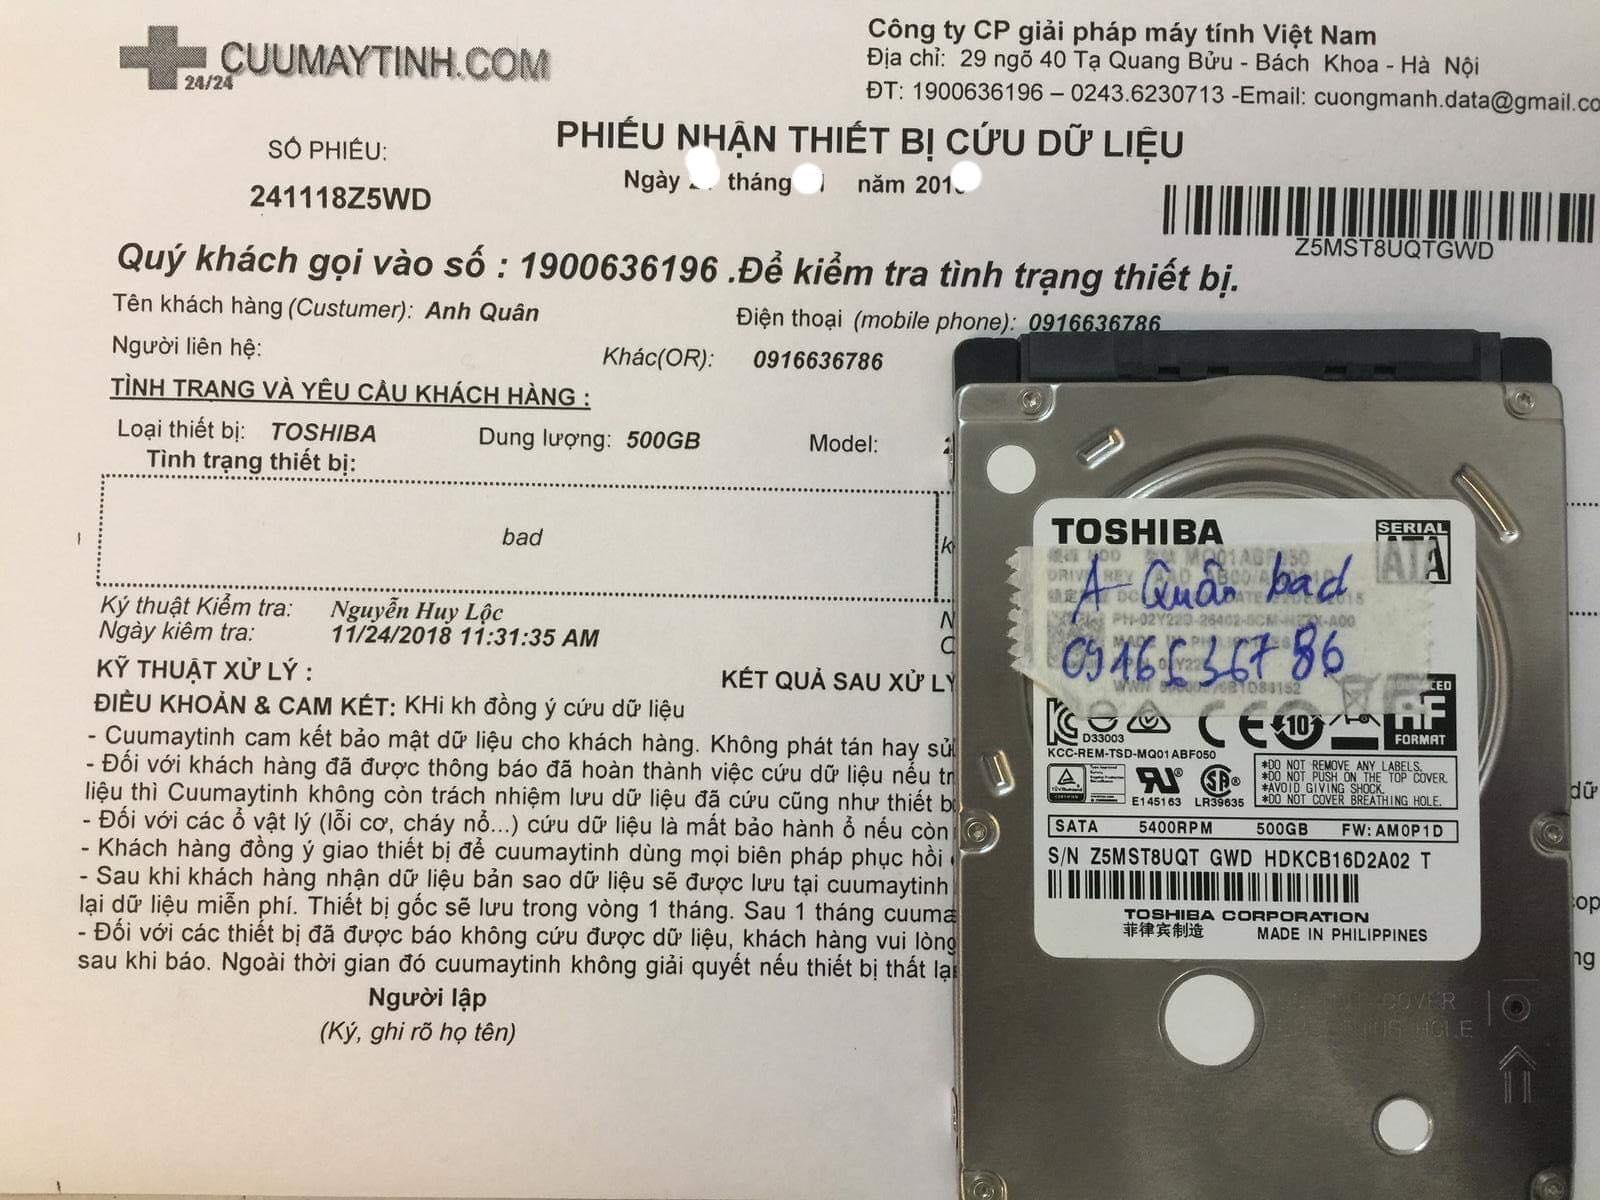 Khôi phục dữ liệu ổ cứng Toshiba 500GB bad 11/01/2019 - cuumaytinh